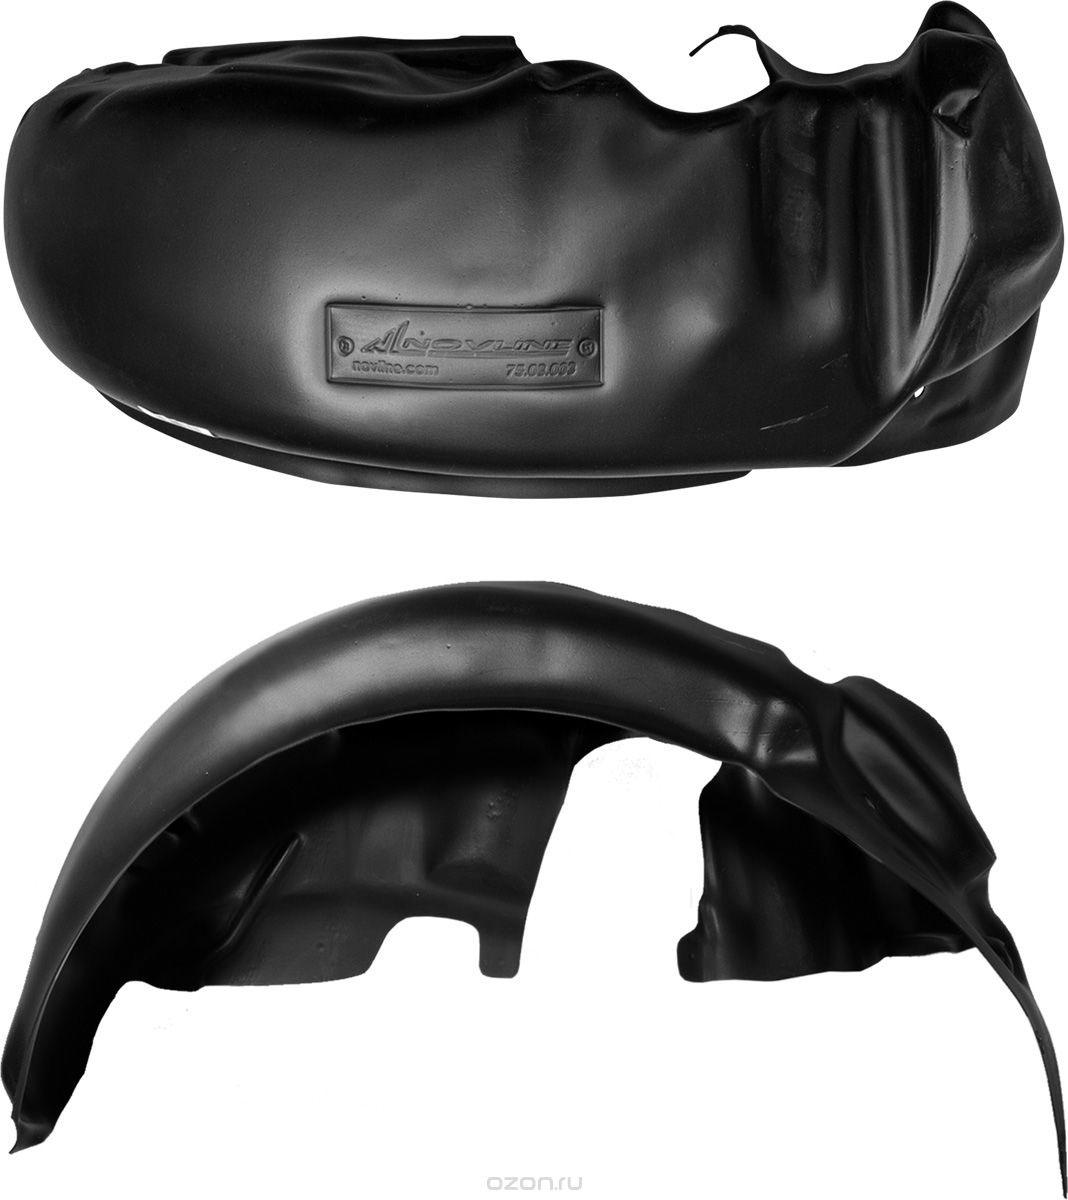 Подкрылок Novline-Autofamily, для Citroen Jumper, 2006->, с расширителями арок, передний левыйNLL.10.18.001Идеальная защита колесной ниши. Локеры разработаны с применением цифровых технологий, гарантируют максимальную повторяемость поверхности арки. Изделия устанавливаются без нарушения лакокрасочного покрытия автомобиля, каждый подкрылок комплектуется крепежом. Уважаемые клиенты, обращаем ваше внимание, что фотографии на подкрылки универсальные и не отражают реальную форму изделия. При этом само изделие идет точно под размер указанного автомобиля.